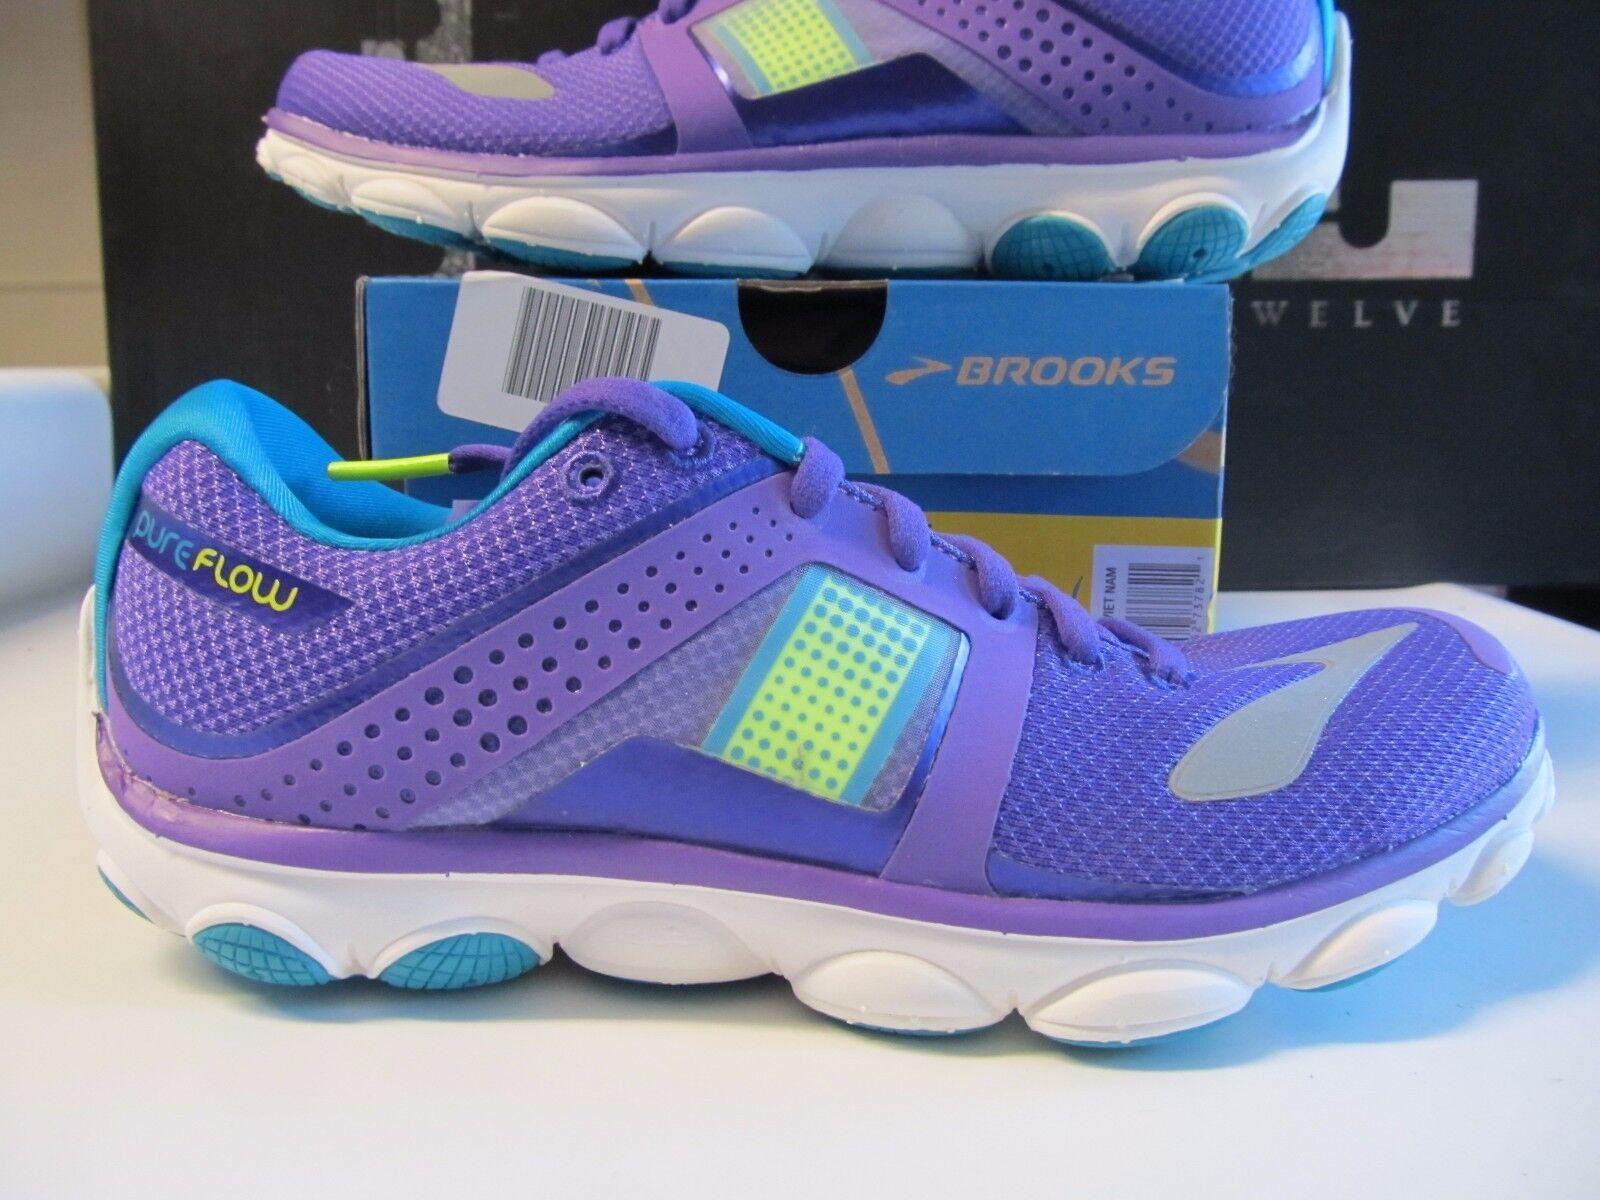 Señora Brooks Pureflow Pureflow Pureflow 4 púrpura vida nocturna pfauenazul zapatillas 1201801b524 bb464f